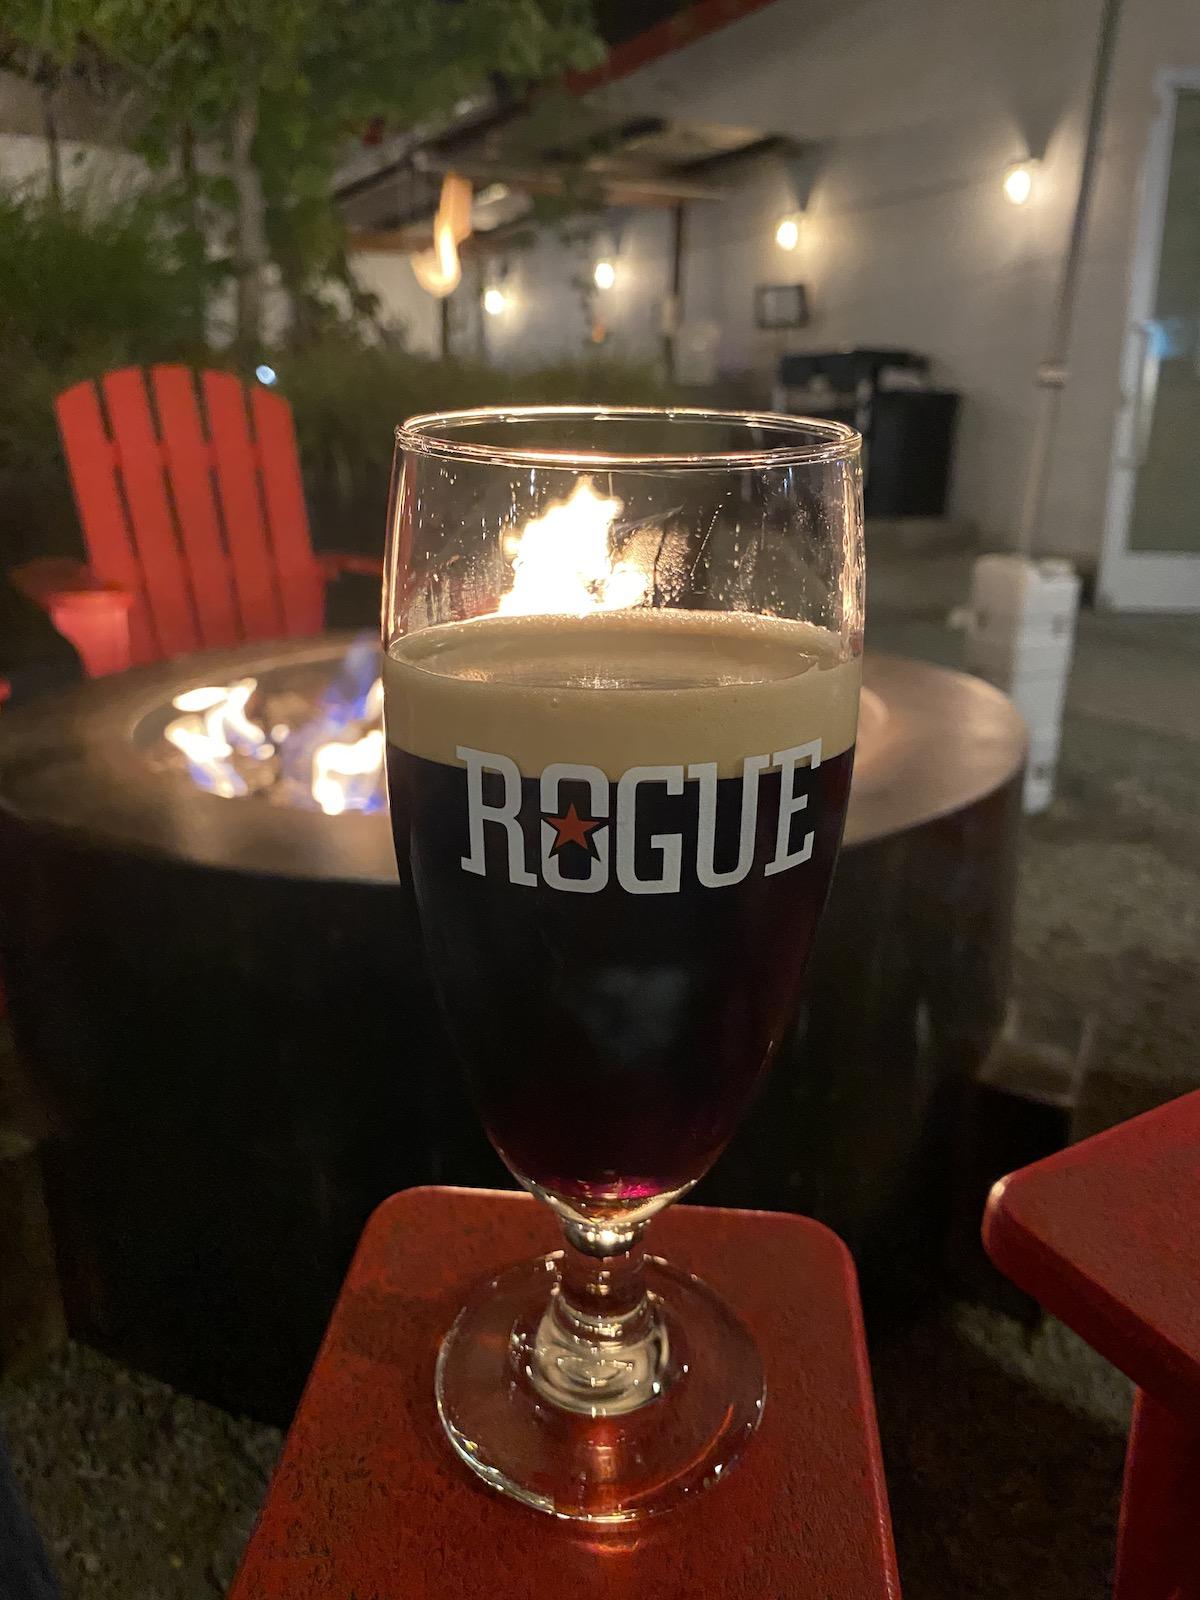 Rogue East Portland